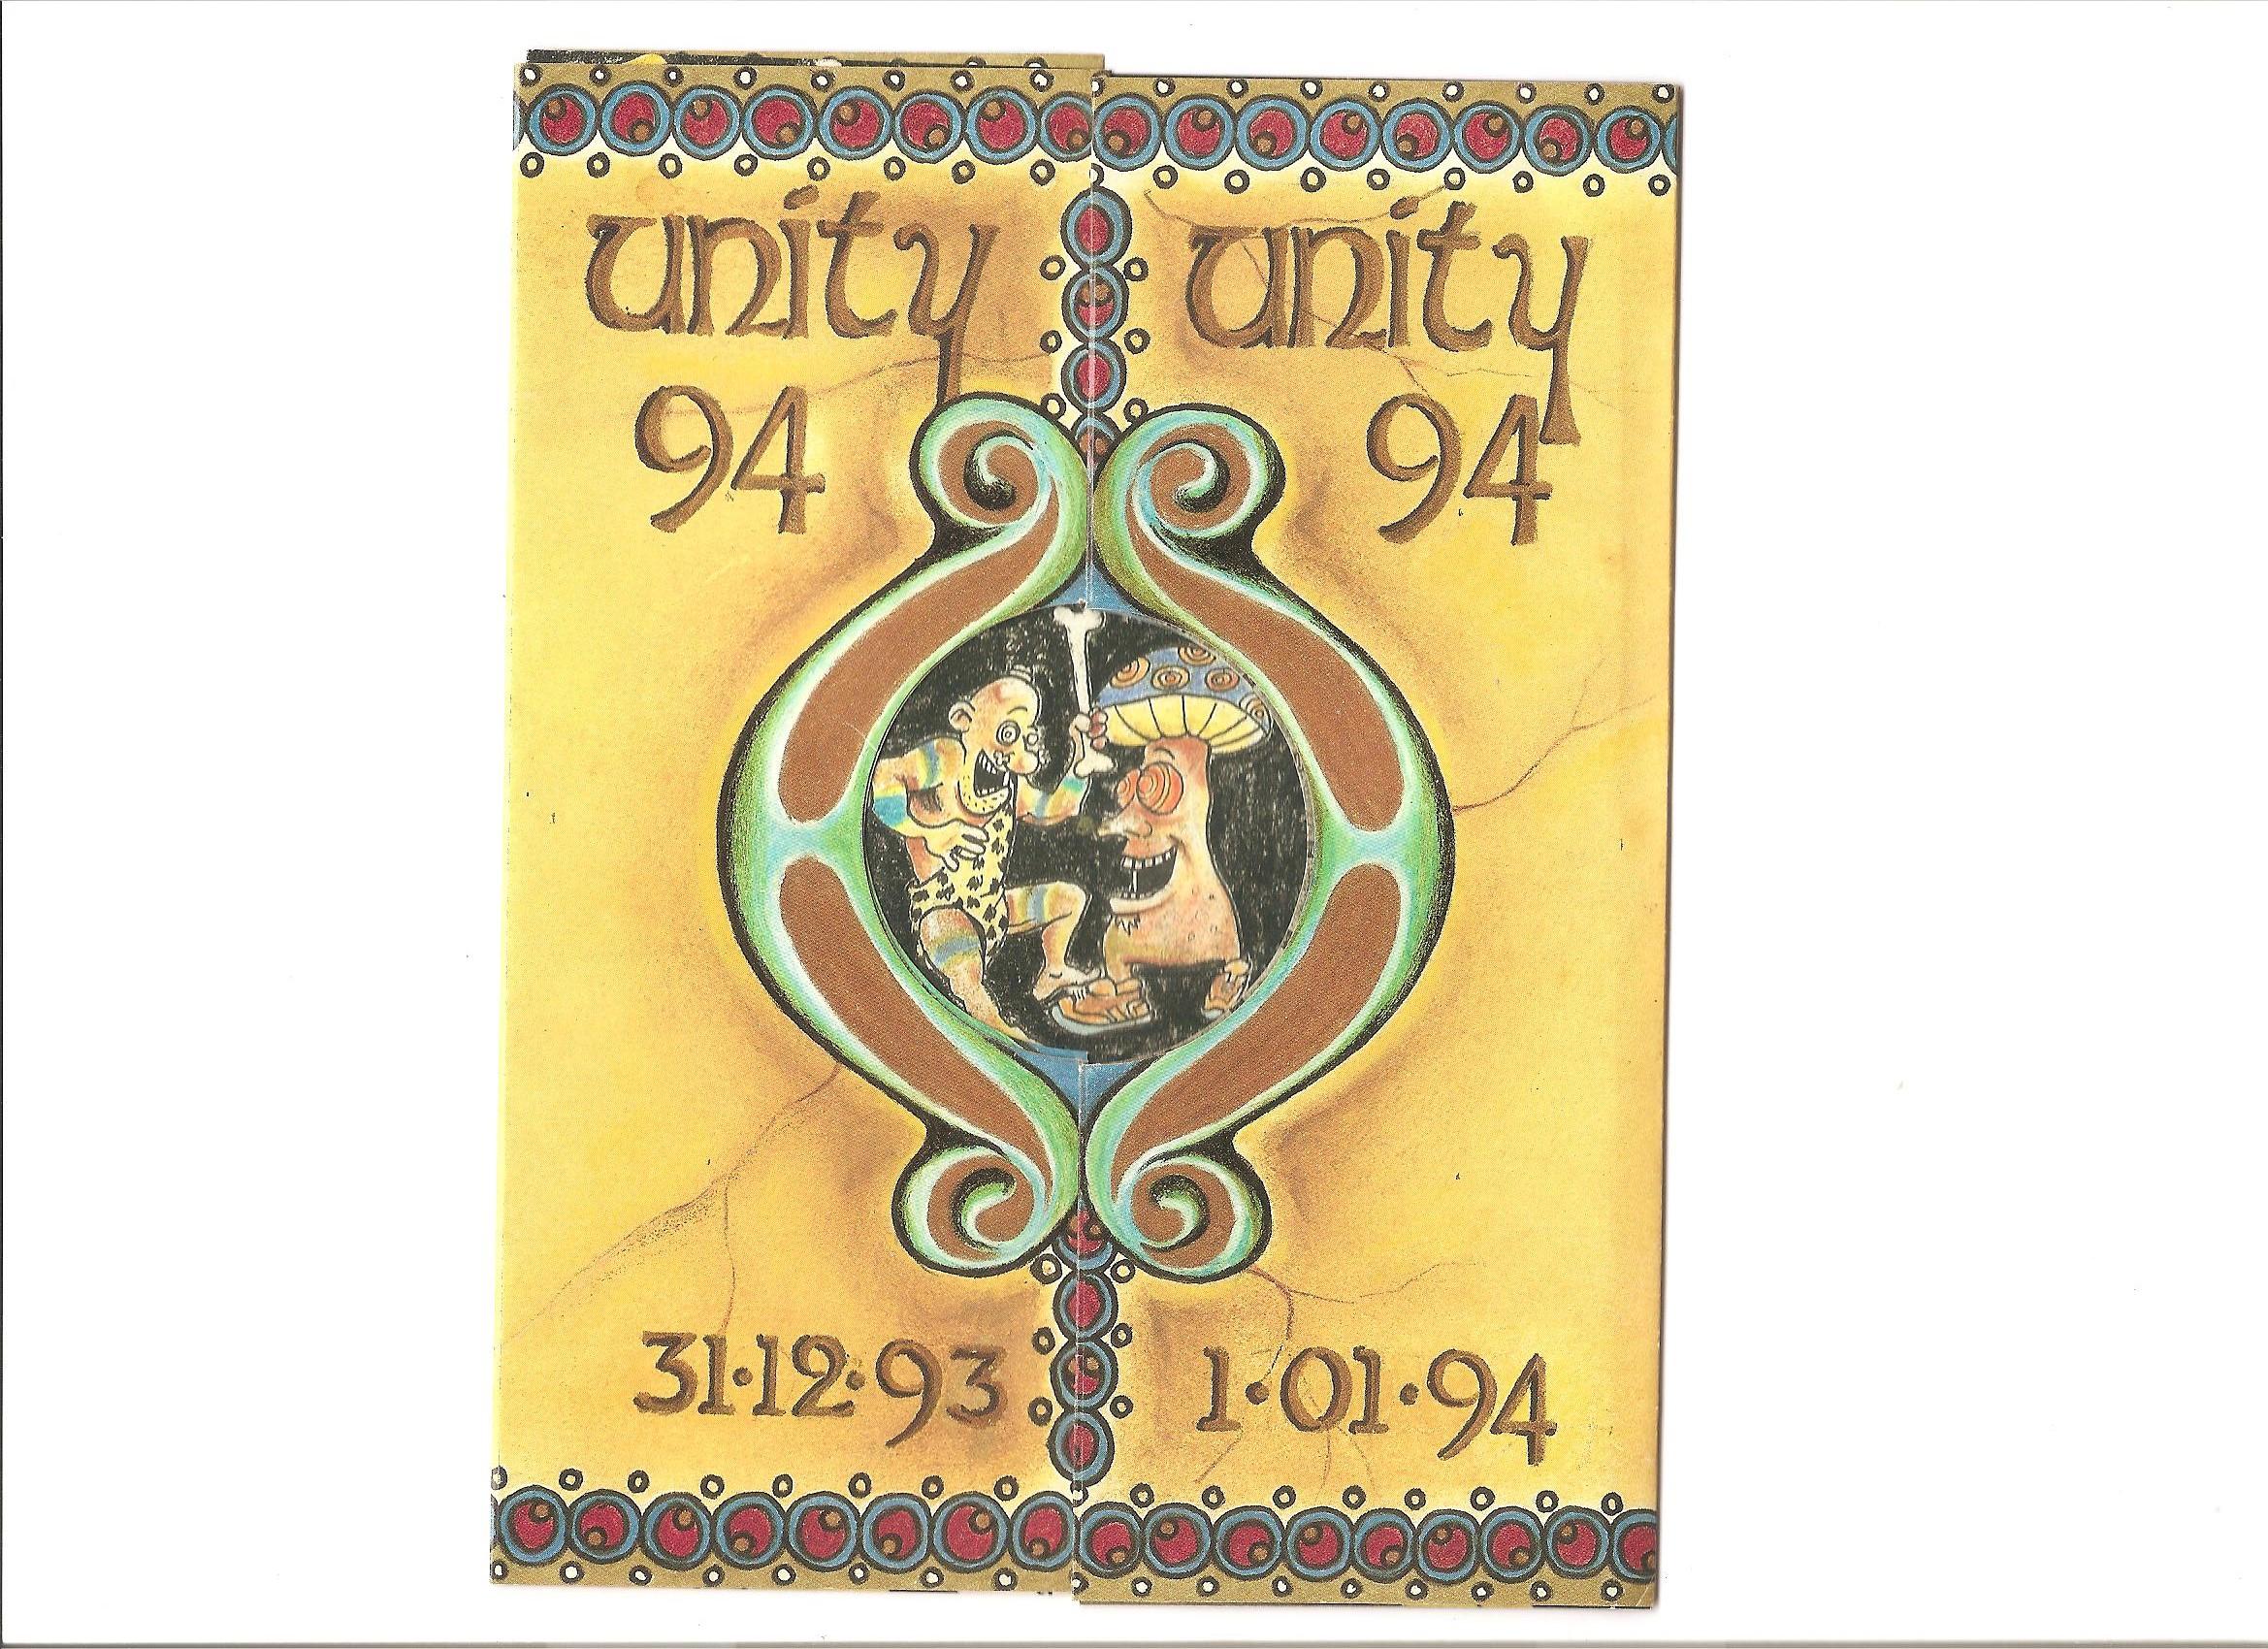 Unity 94